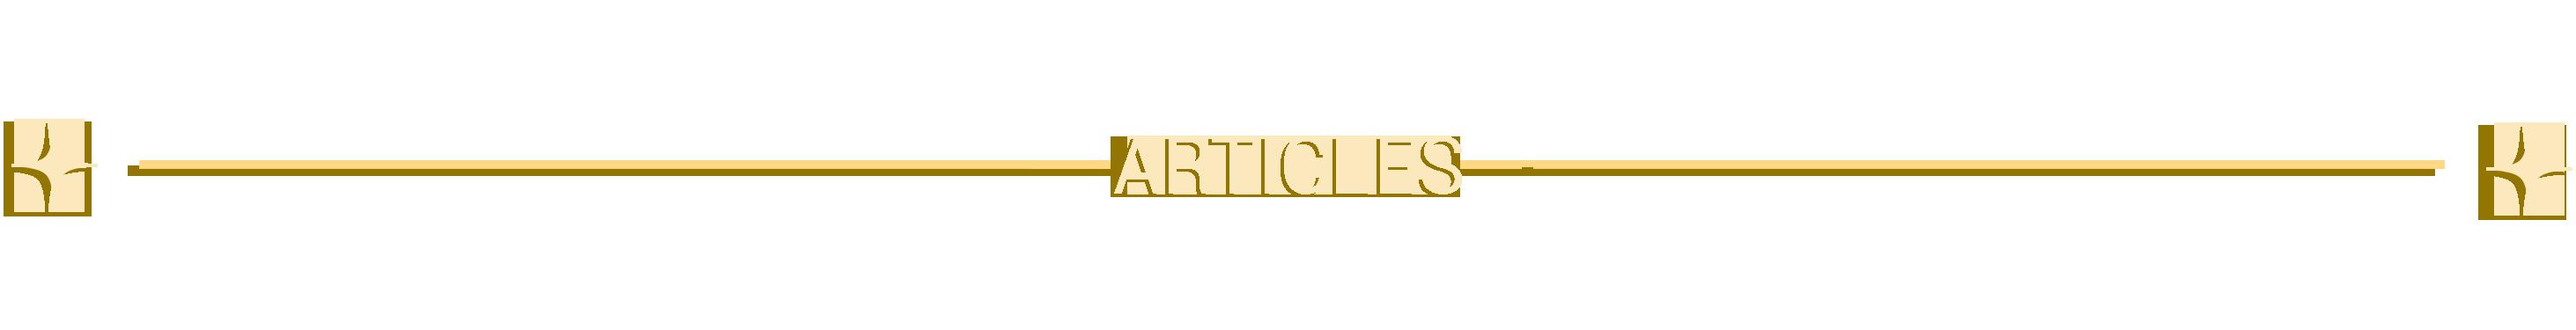 bannière des articles